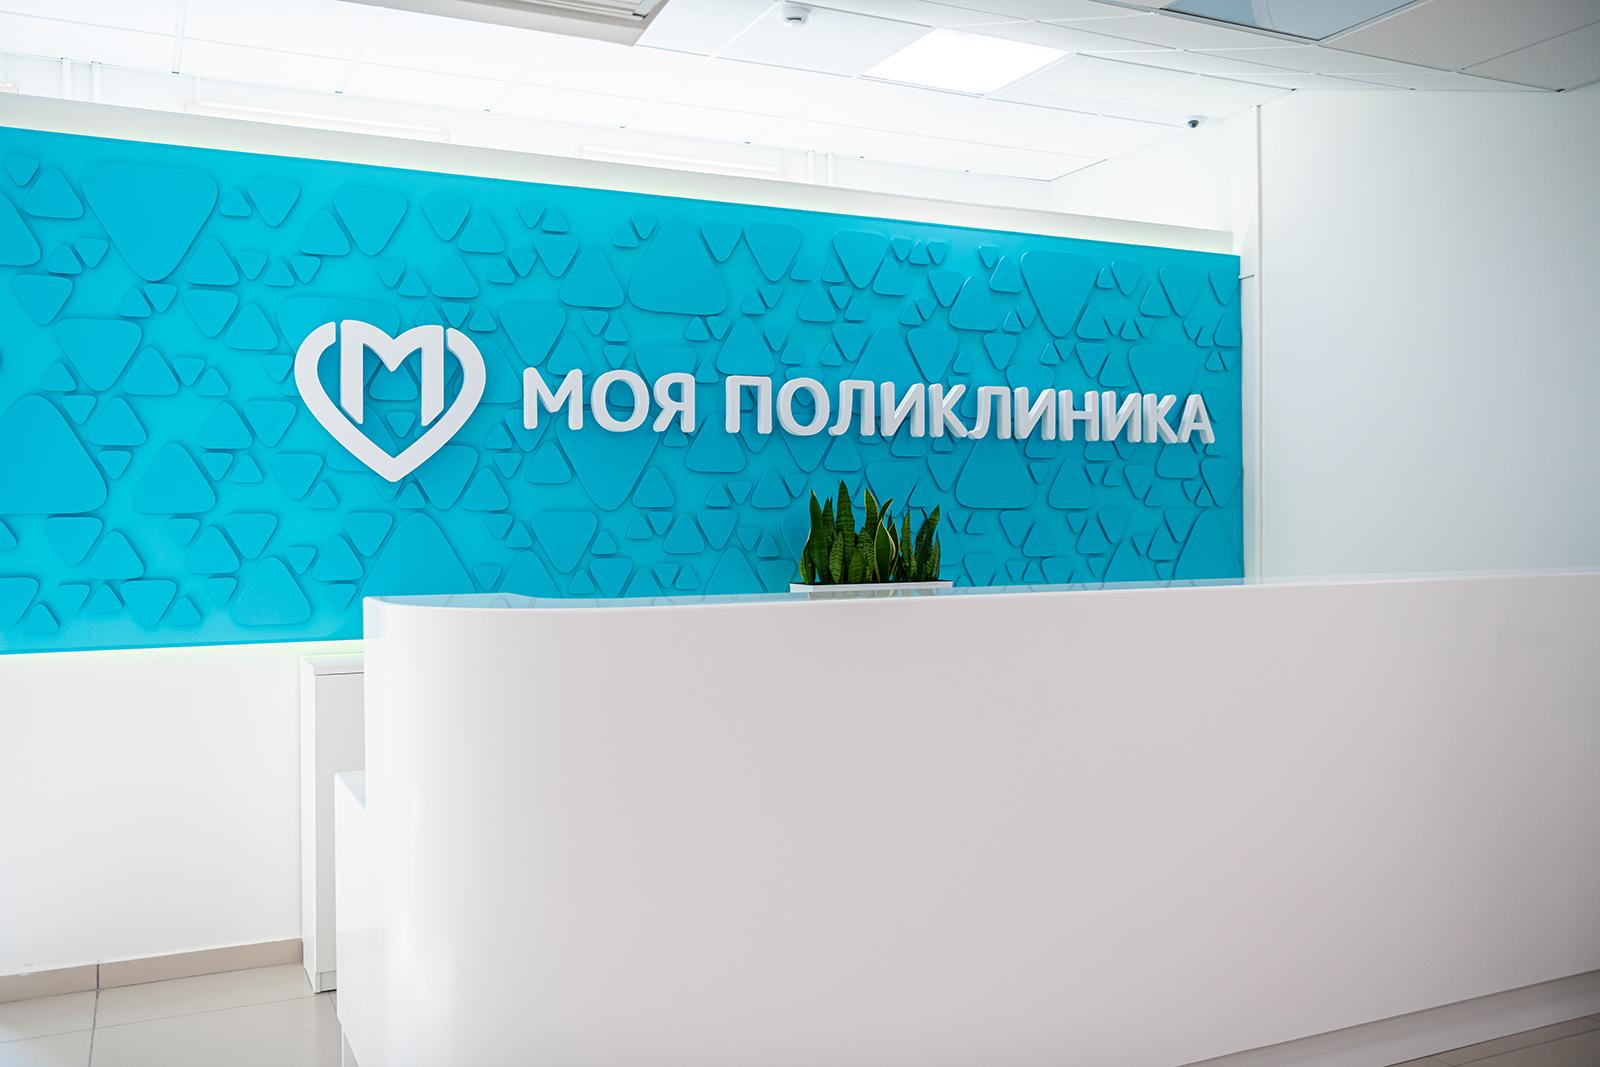 Сергей Собянин: Думаем о начале второго этапа программы реконструкции московских поликлиник